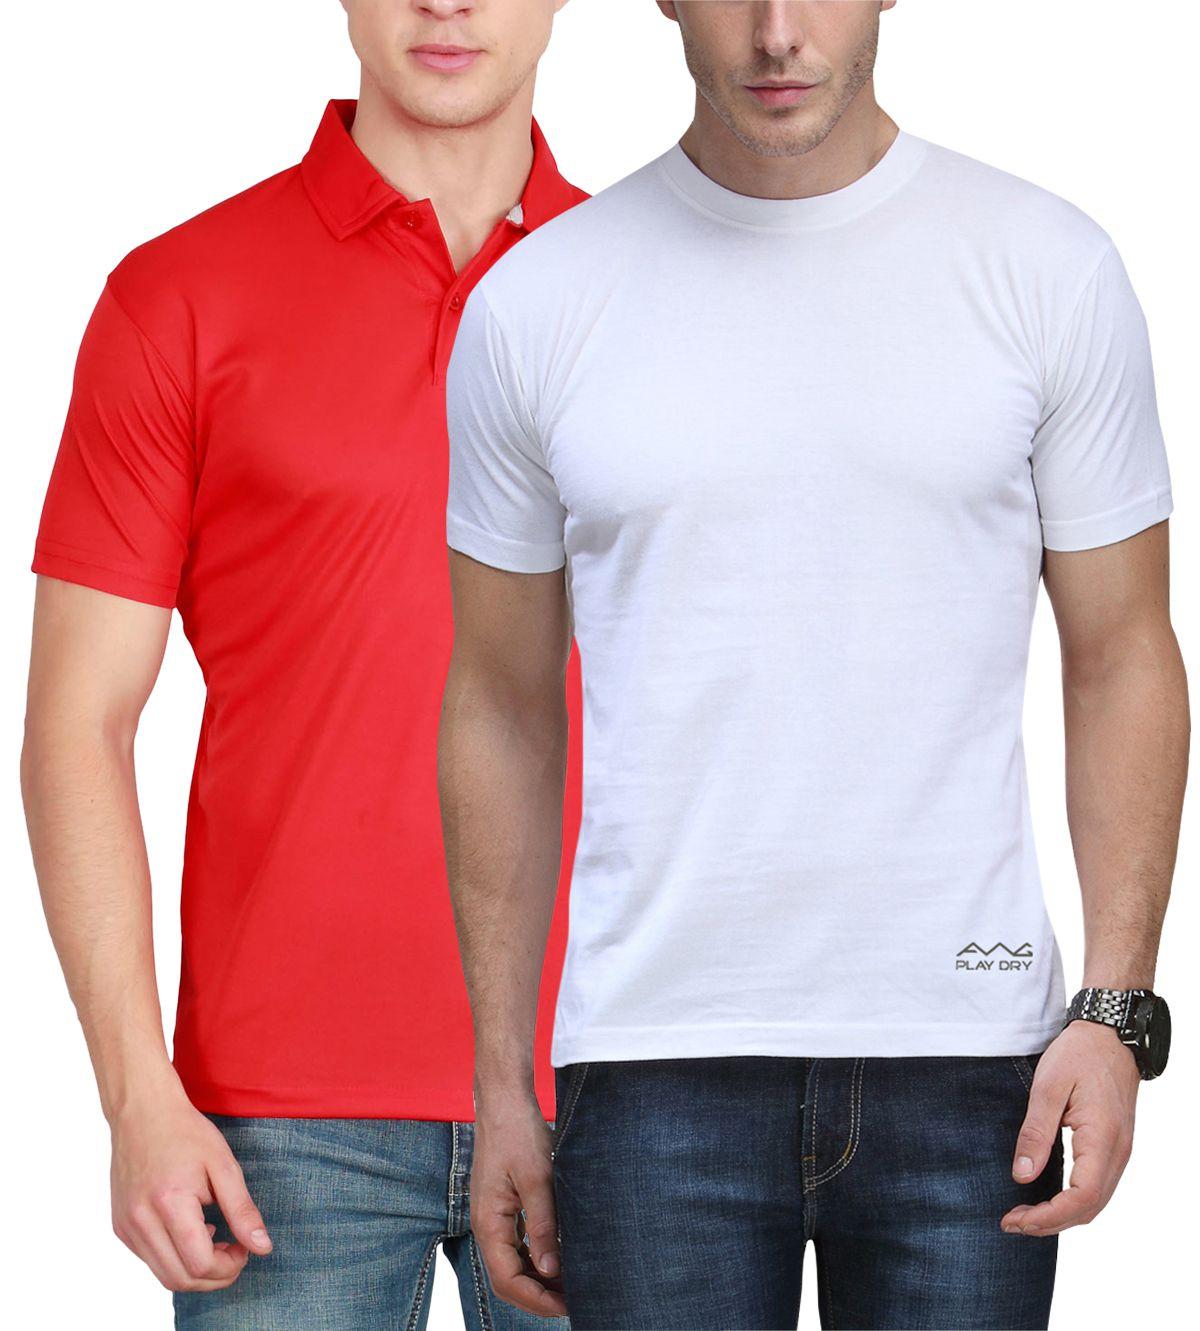 Scott International Multi Round T-Shirt Pack of 2